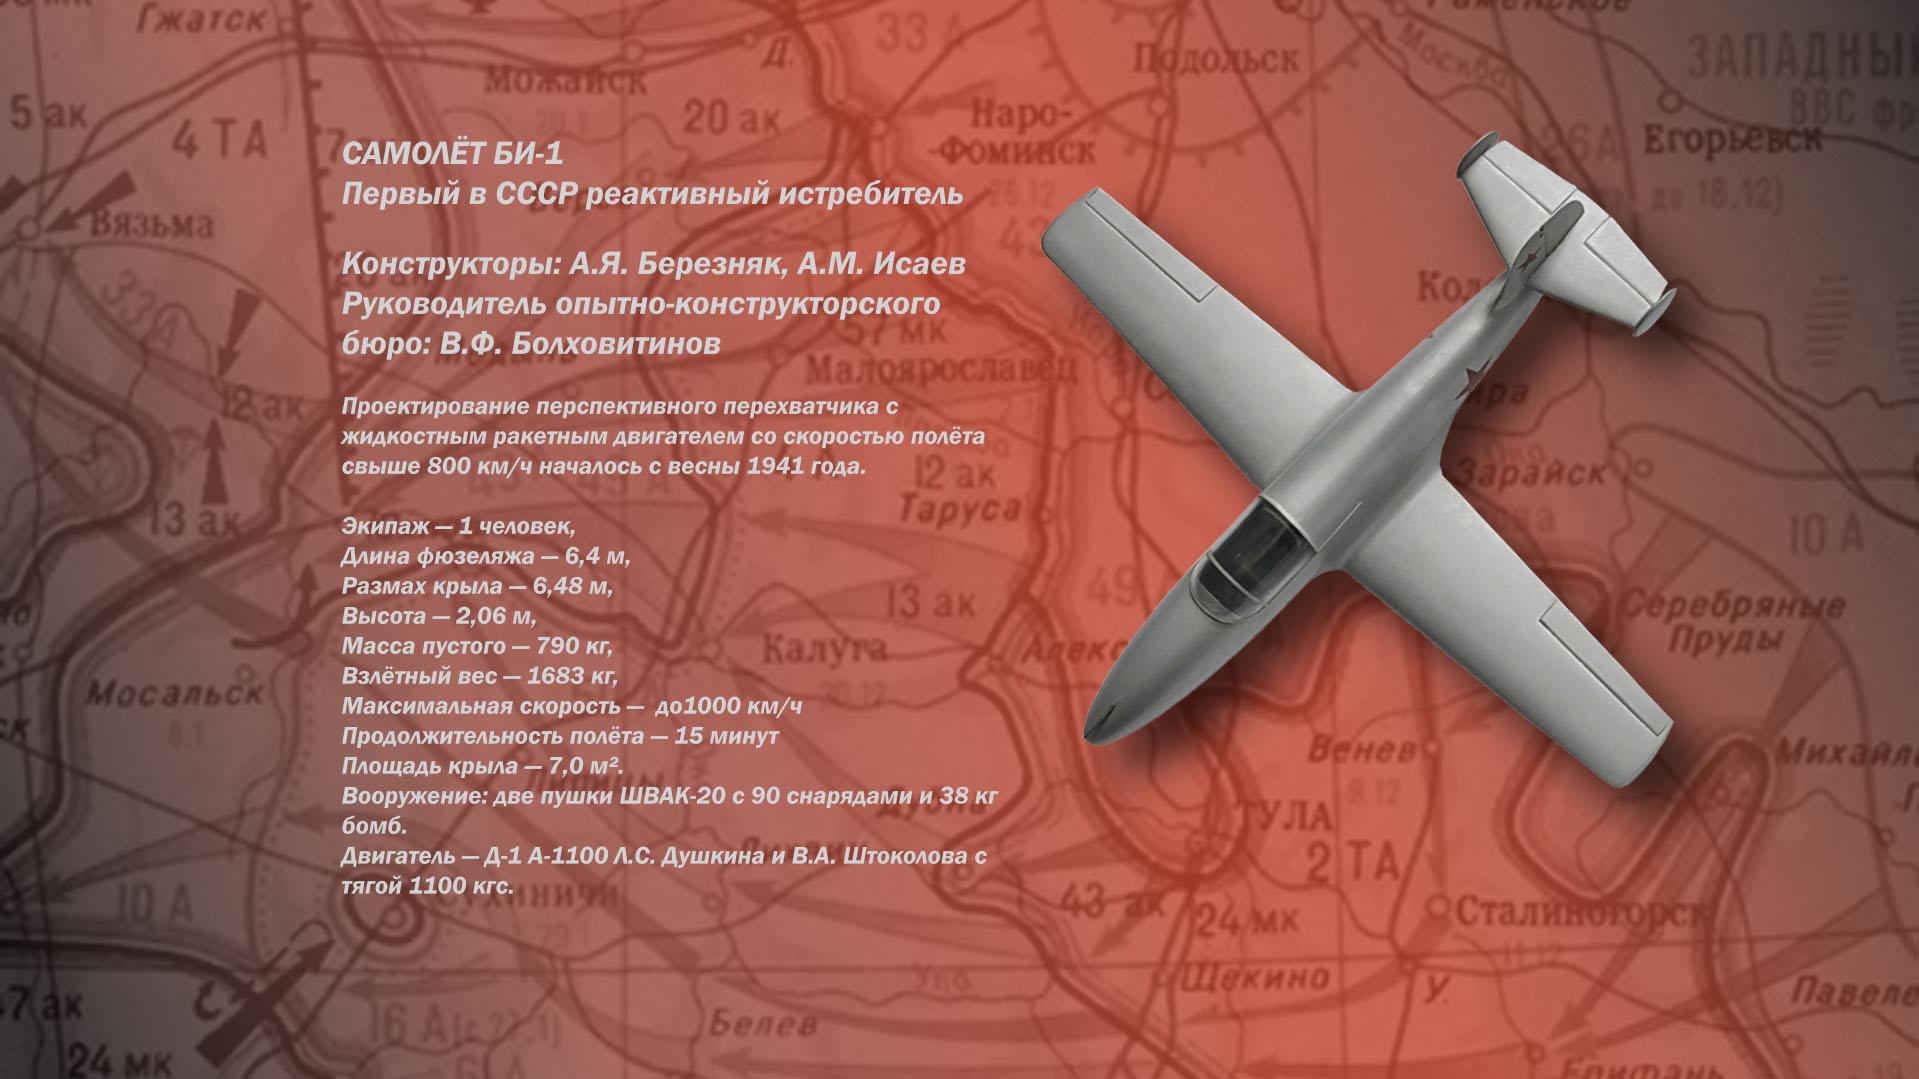 Самолет БИ-1. Первый в мире реактивный истребитель